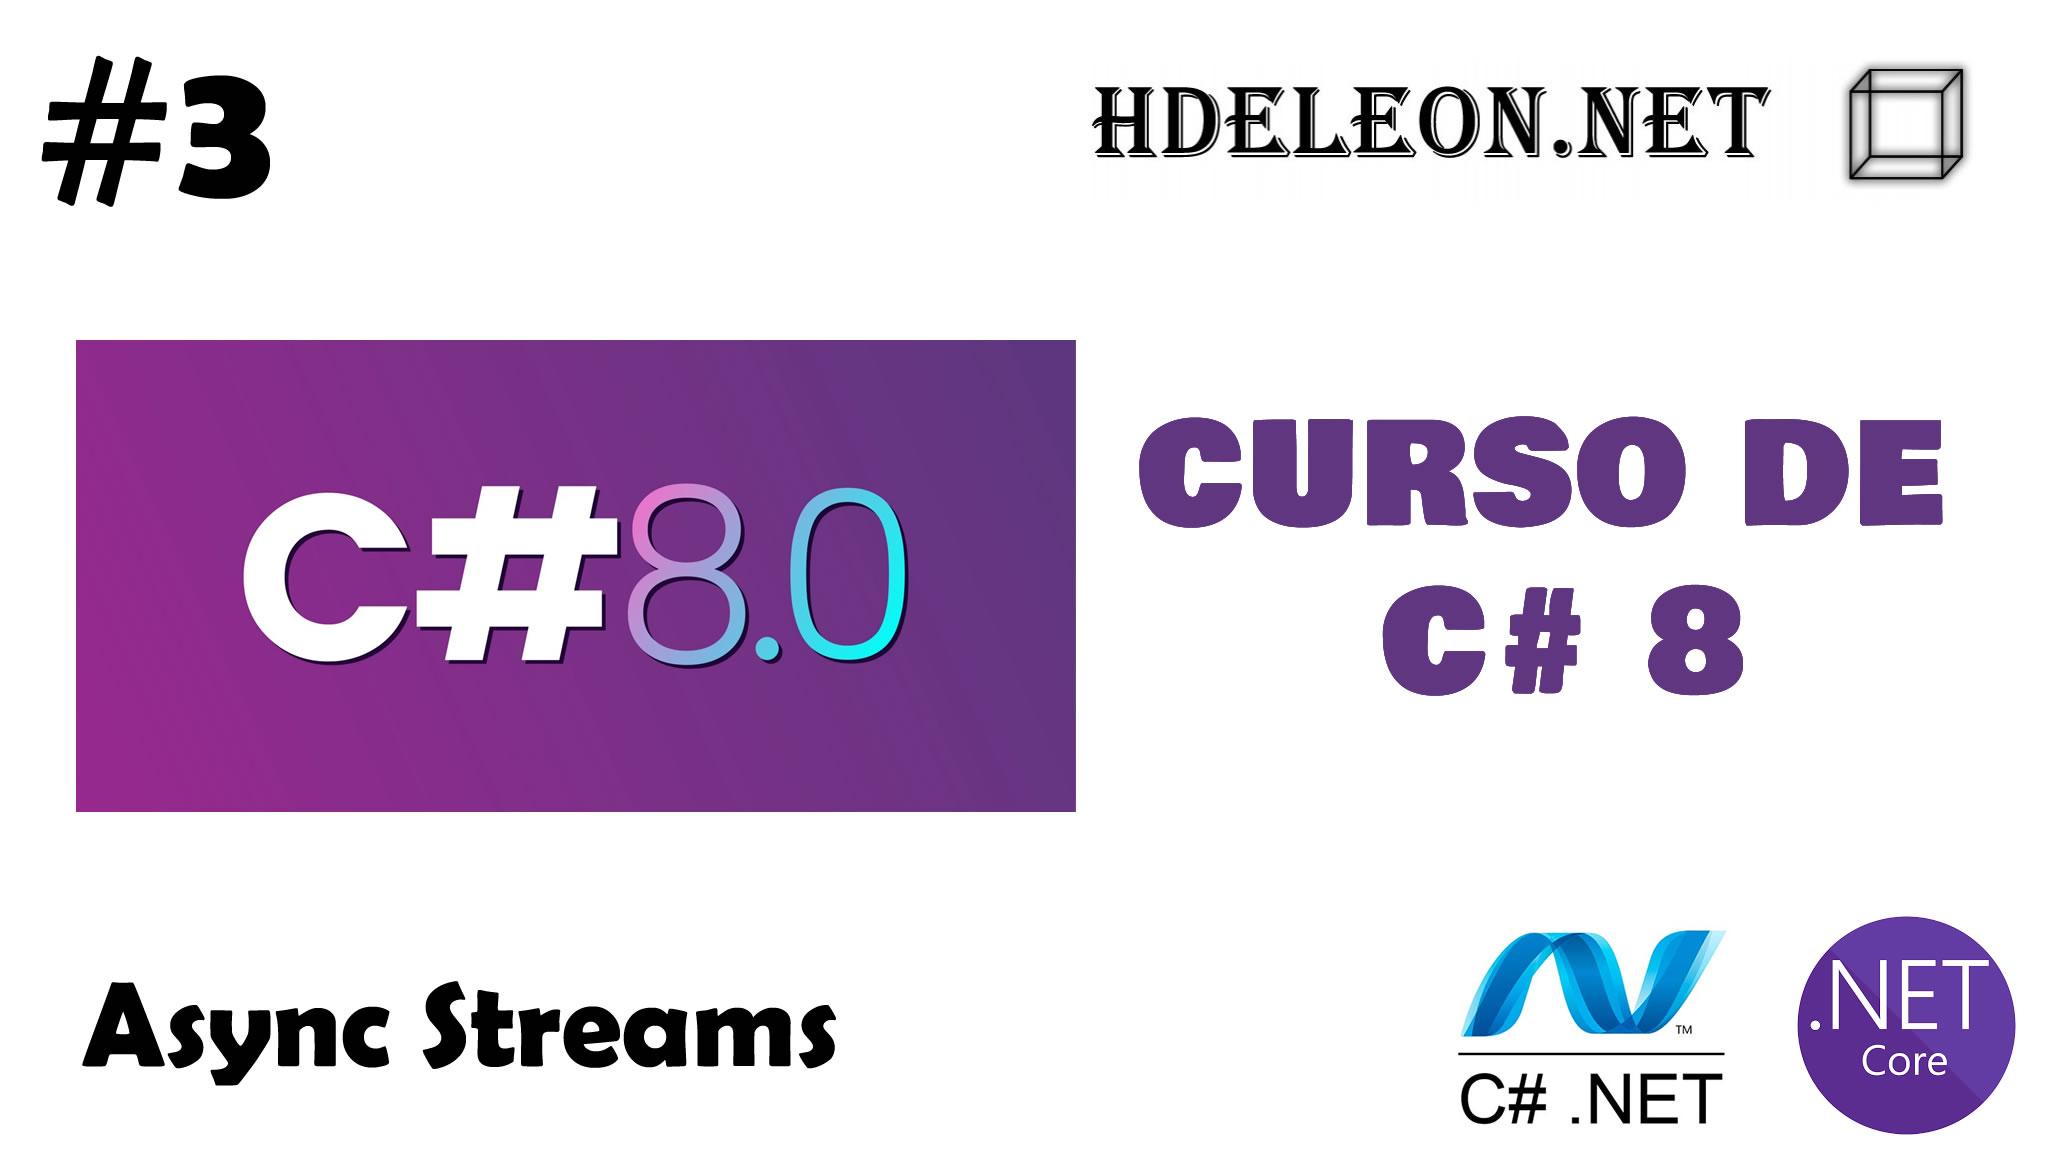 Curso gratuito de C# 8 .Net, Async streams, #3